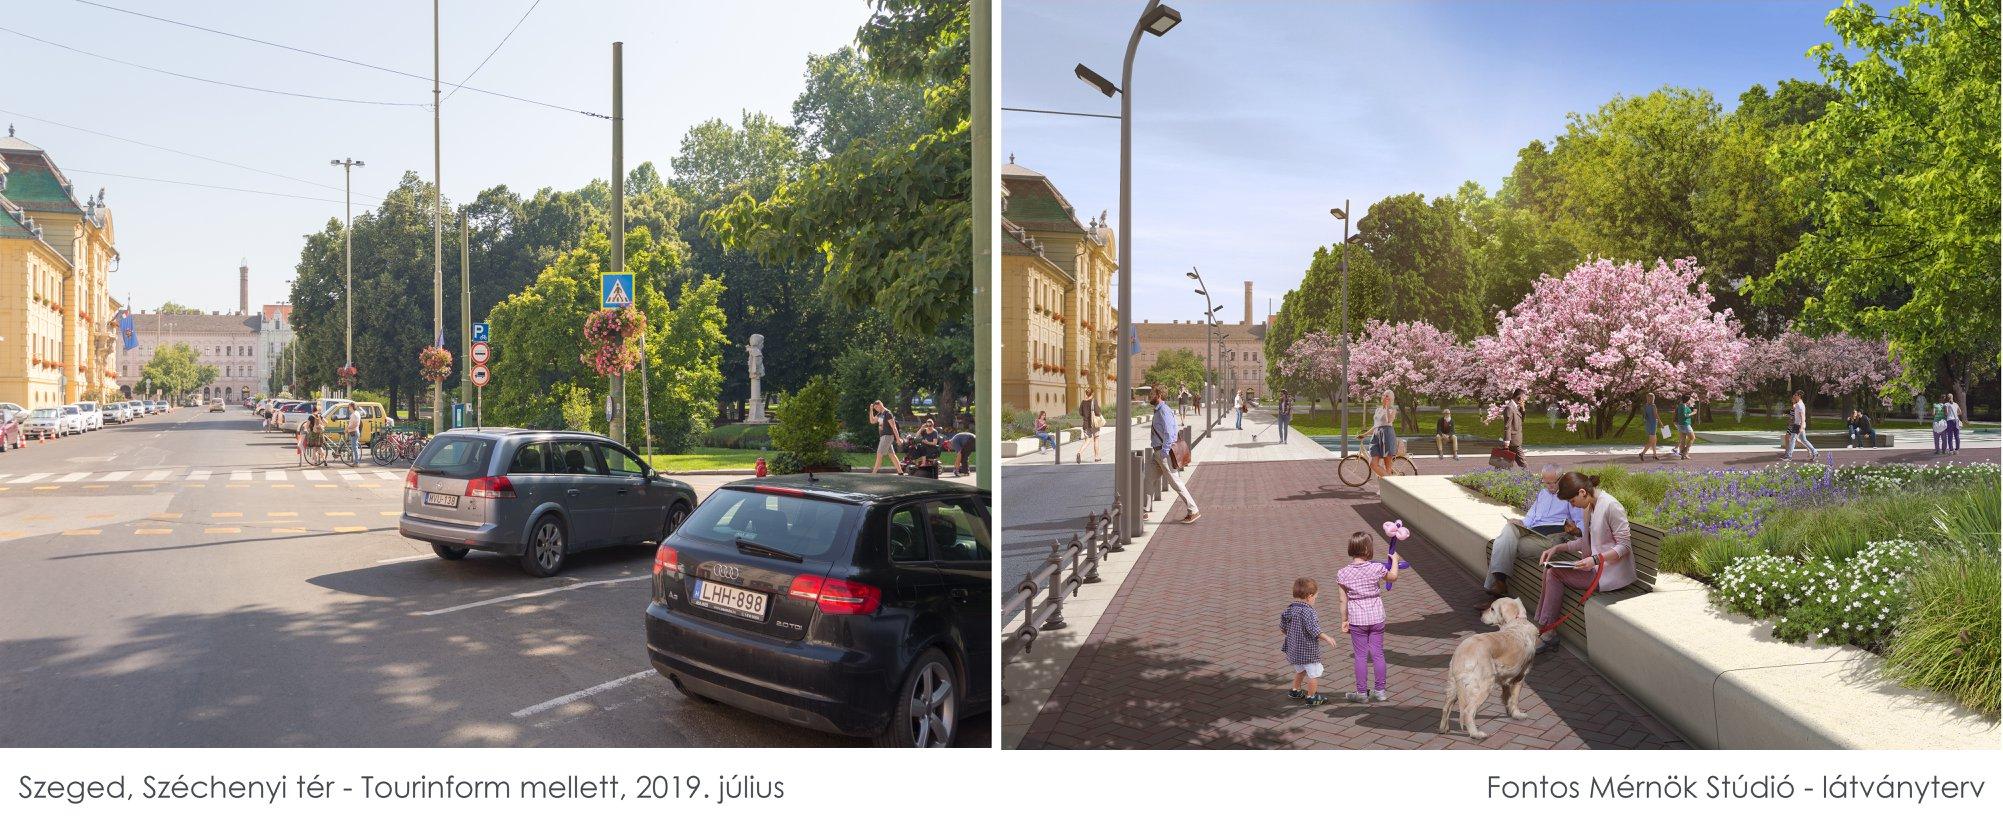 Képpárokon látható, hogy milyen most és milyen lesz a Széchenyi tér